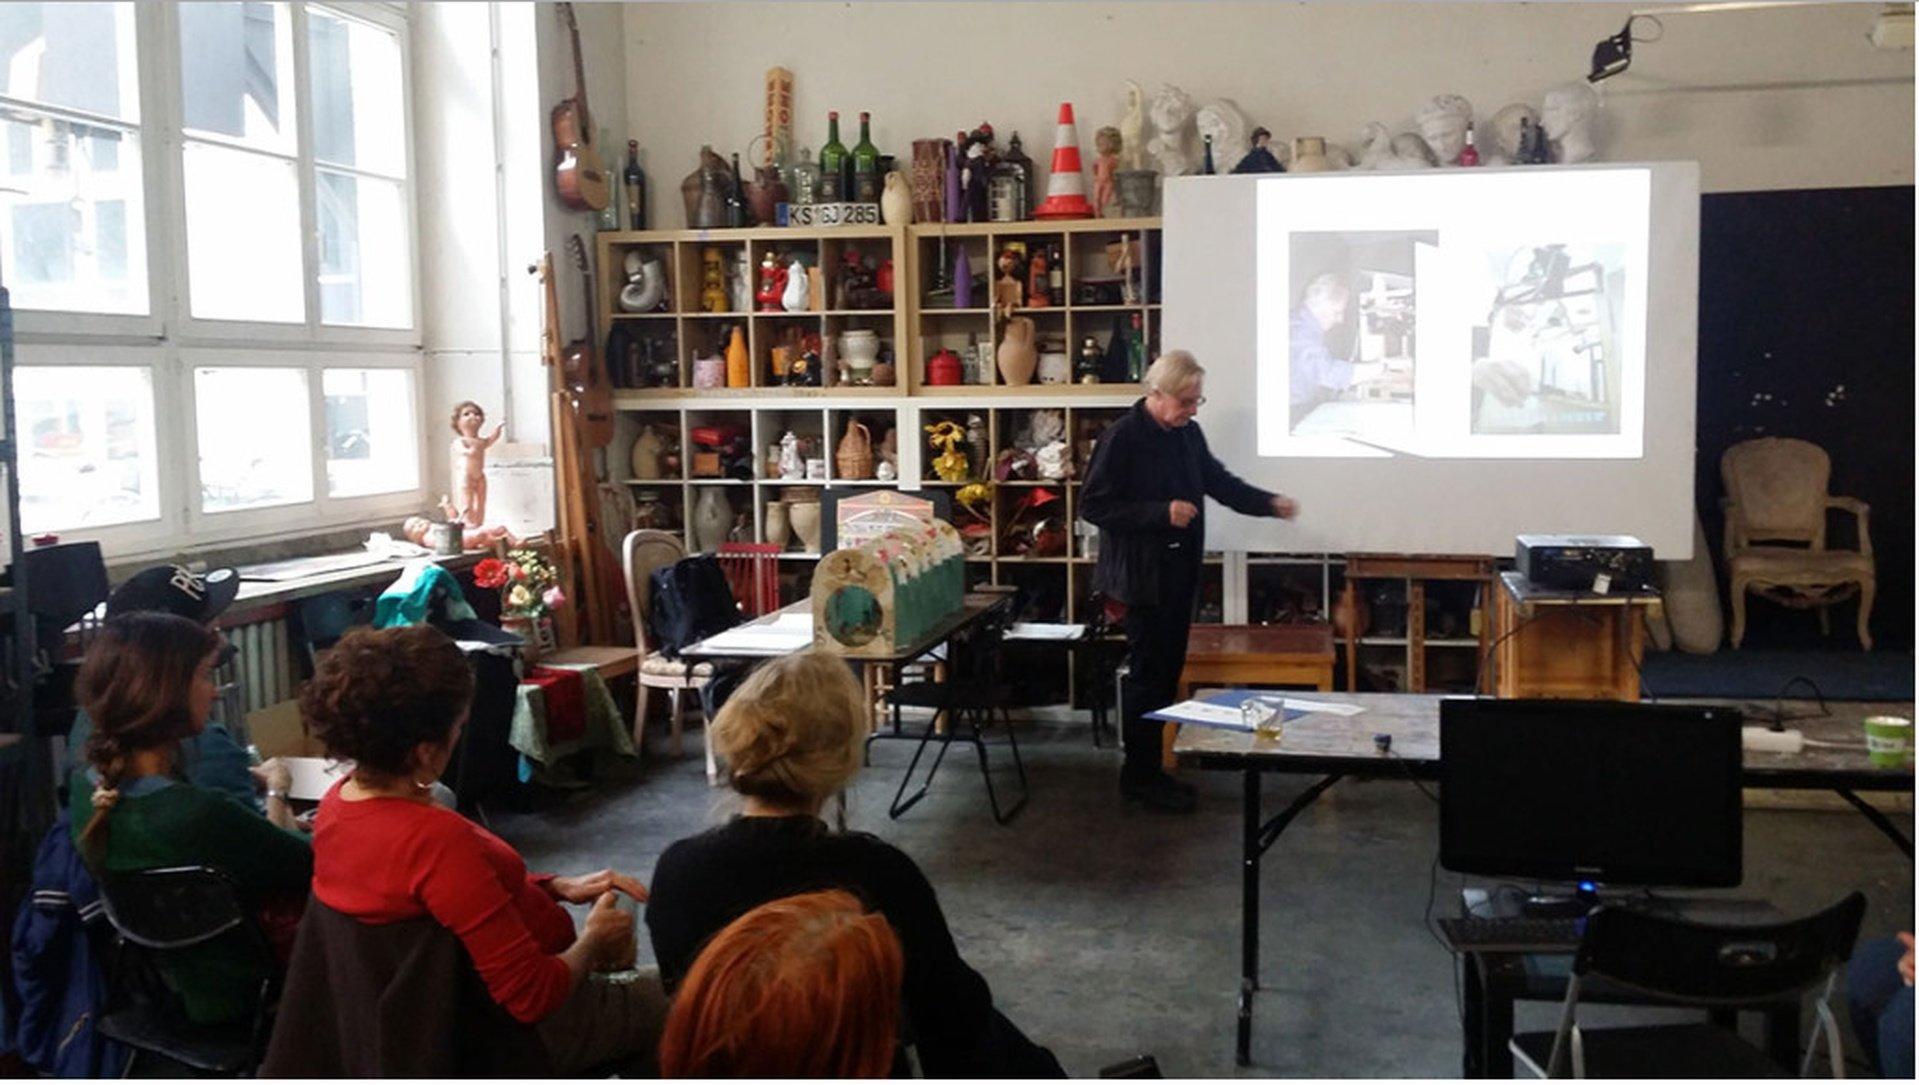 Berlin workshop spaces Besonders Art School Berlin image 0